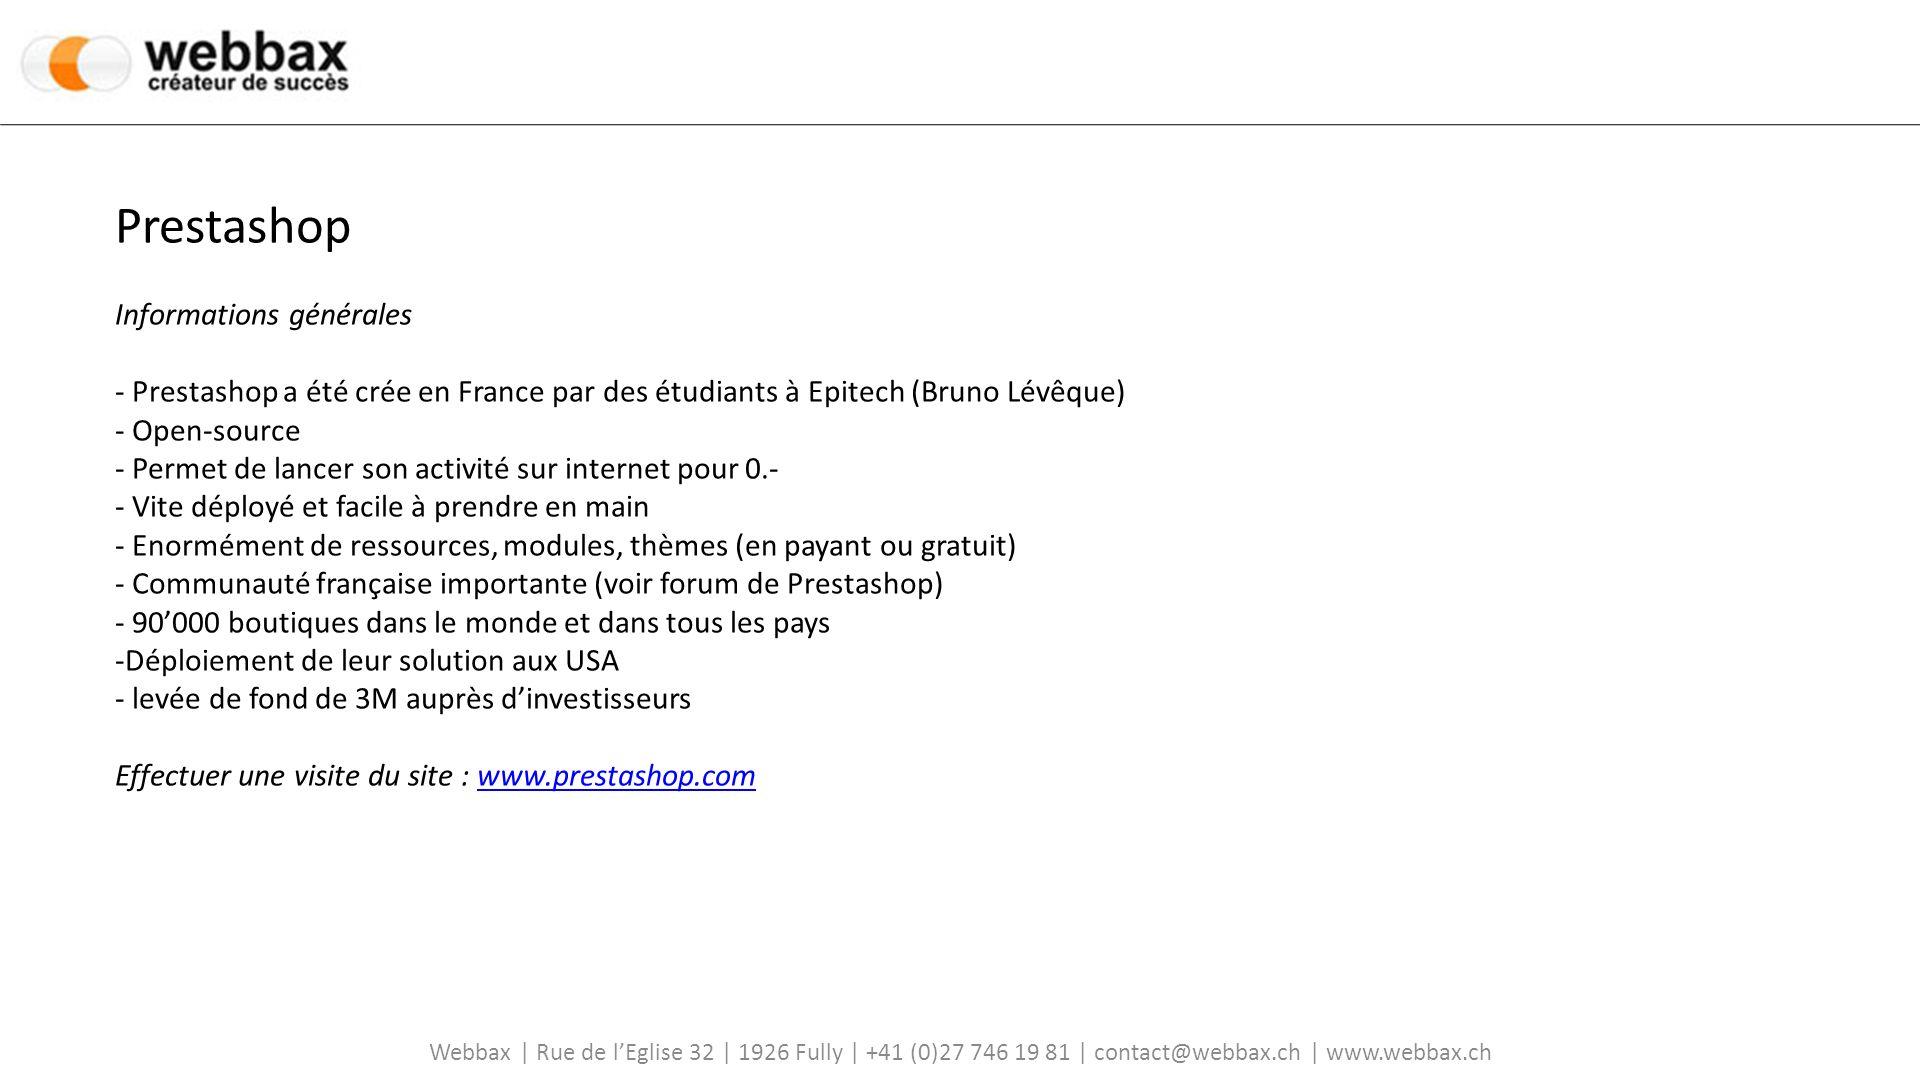 Prestashop Informations générales - Prestashop a été crée en France par des étudiants à Epitech (Bruno Lévêque) - Open-source - Permet de lancer son activité sur internet pour 0.- - Vite déployé et facile à prendre en main - Enormément de ressources, modules, thèmes (en payant ou gratuit) - Communauté française importante (voir forum de Prestashop) - 90'000 boutiques dans le monde et dans tous les pays